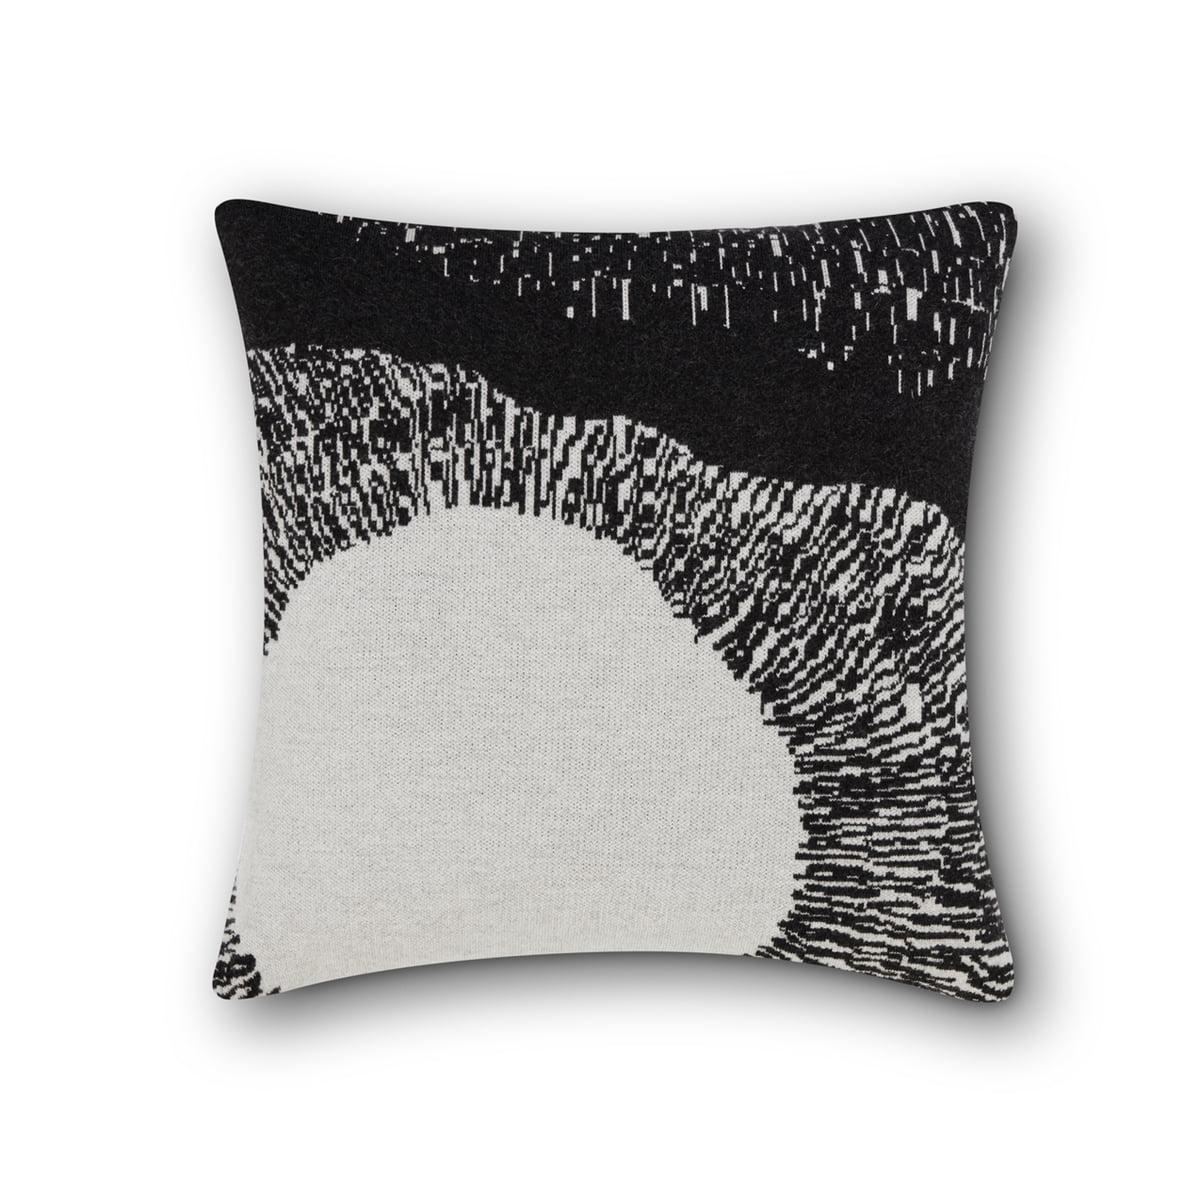 Httpswwwconnoxcomcategoriesaccessorieshome Textiles